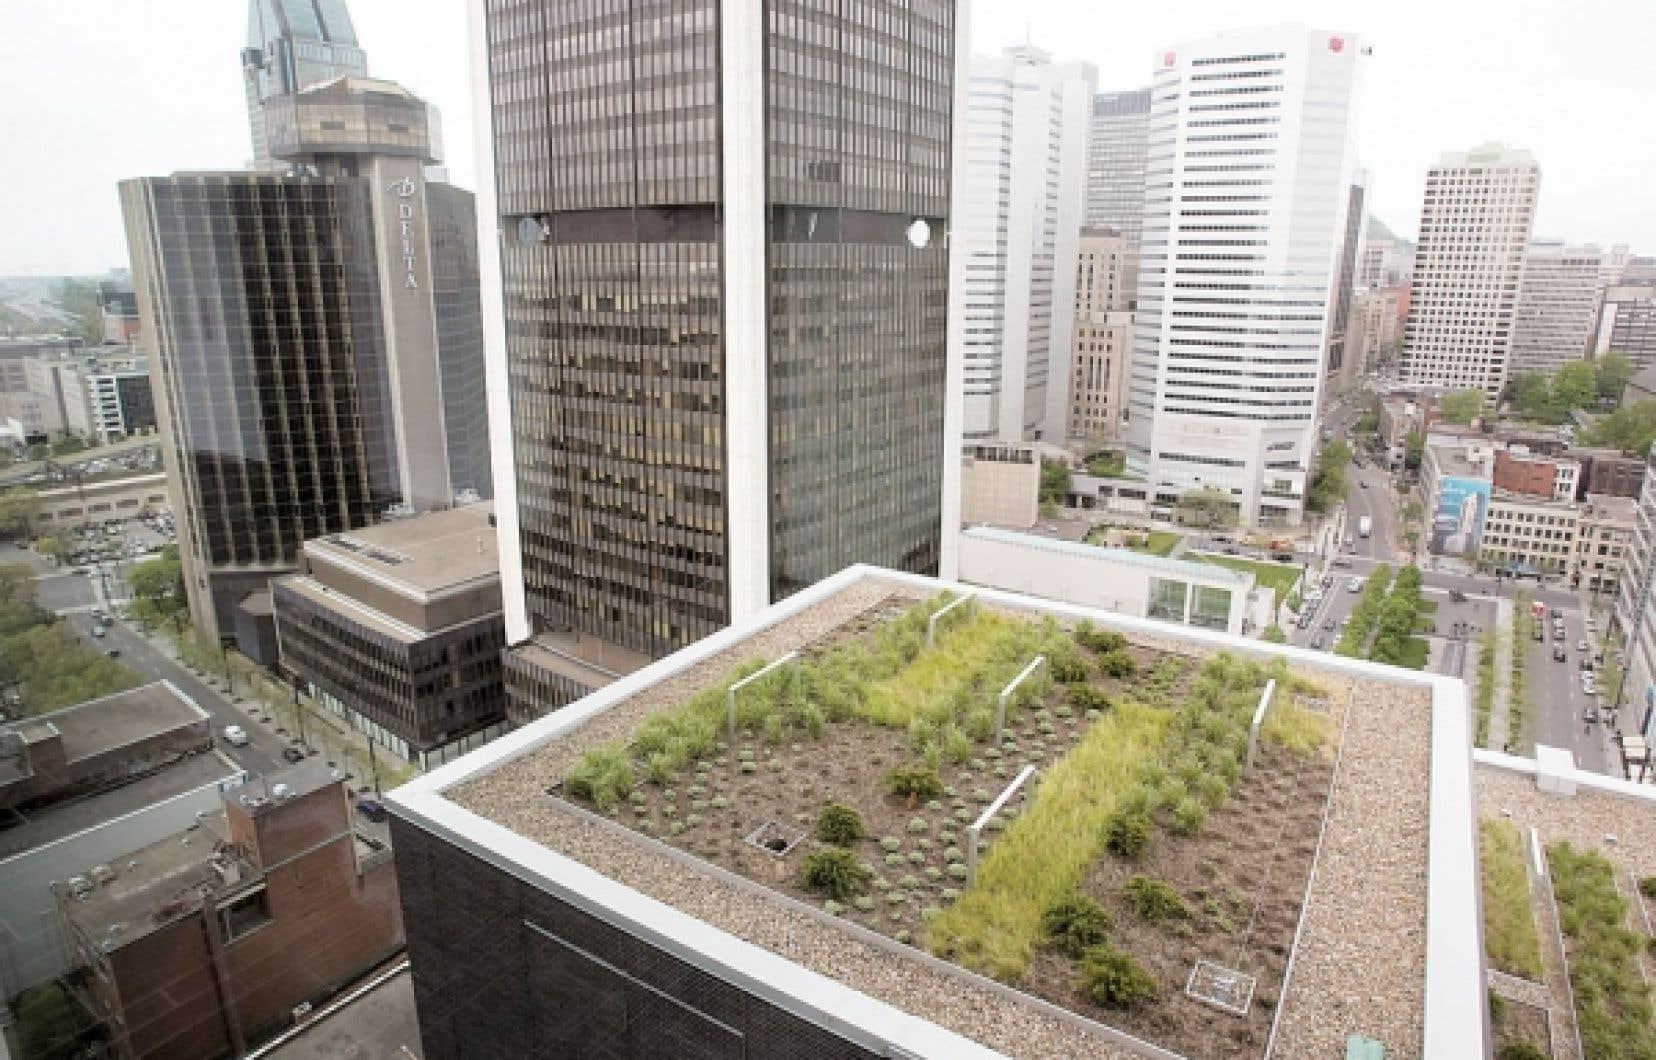 Le fondateur et directeur général de Renaissance, Pierre Legault, apprécie un certain modernisme propre à Montréal, représentée entre autres par des initiatives comme Équiterre ou Communauto ou le récent engouement des Montréalais pour l'agriculture urbaine.